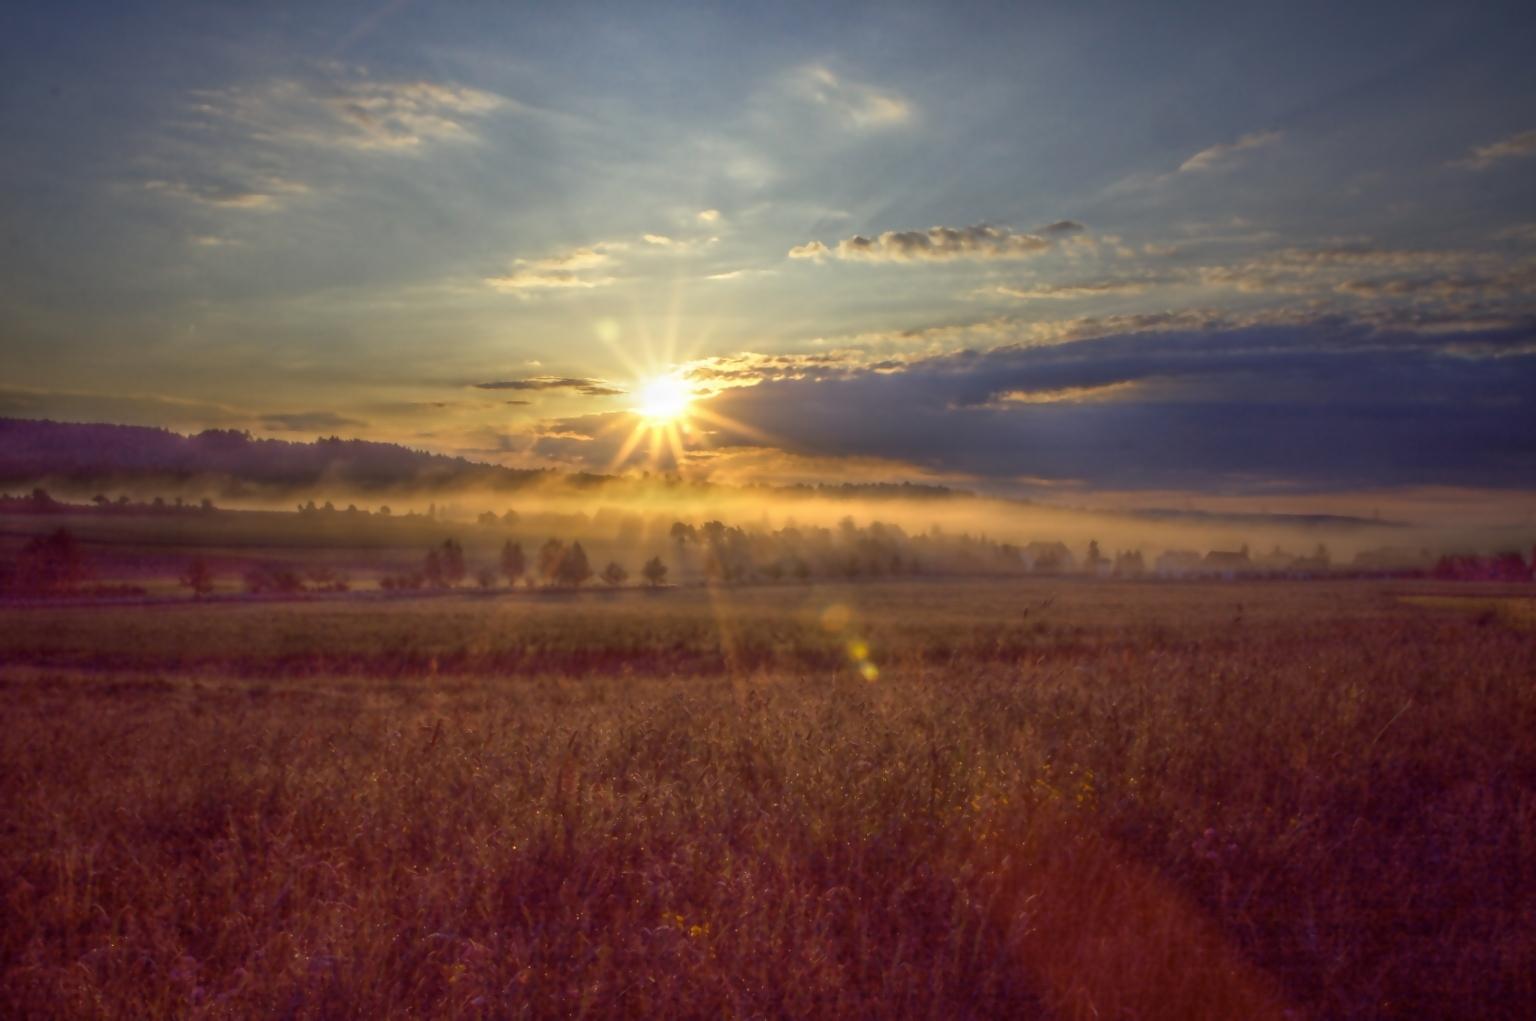 »Morning has broken...«